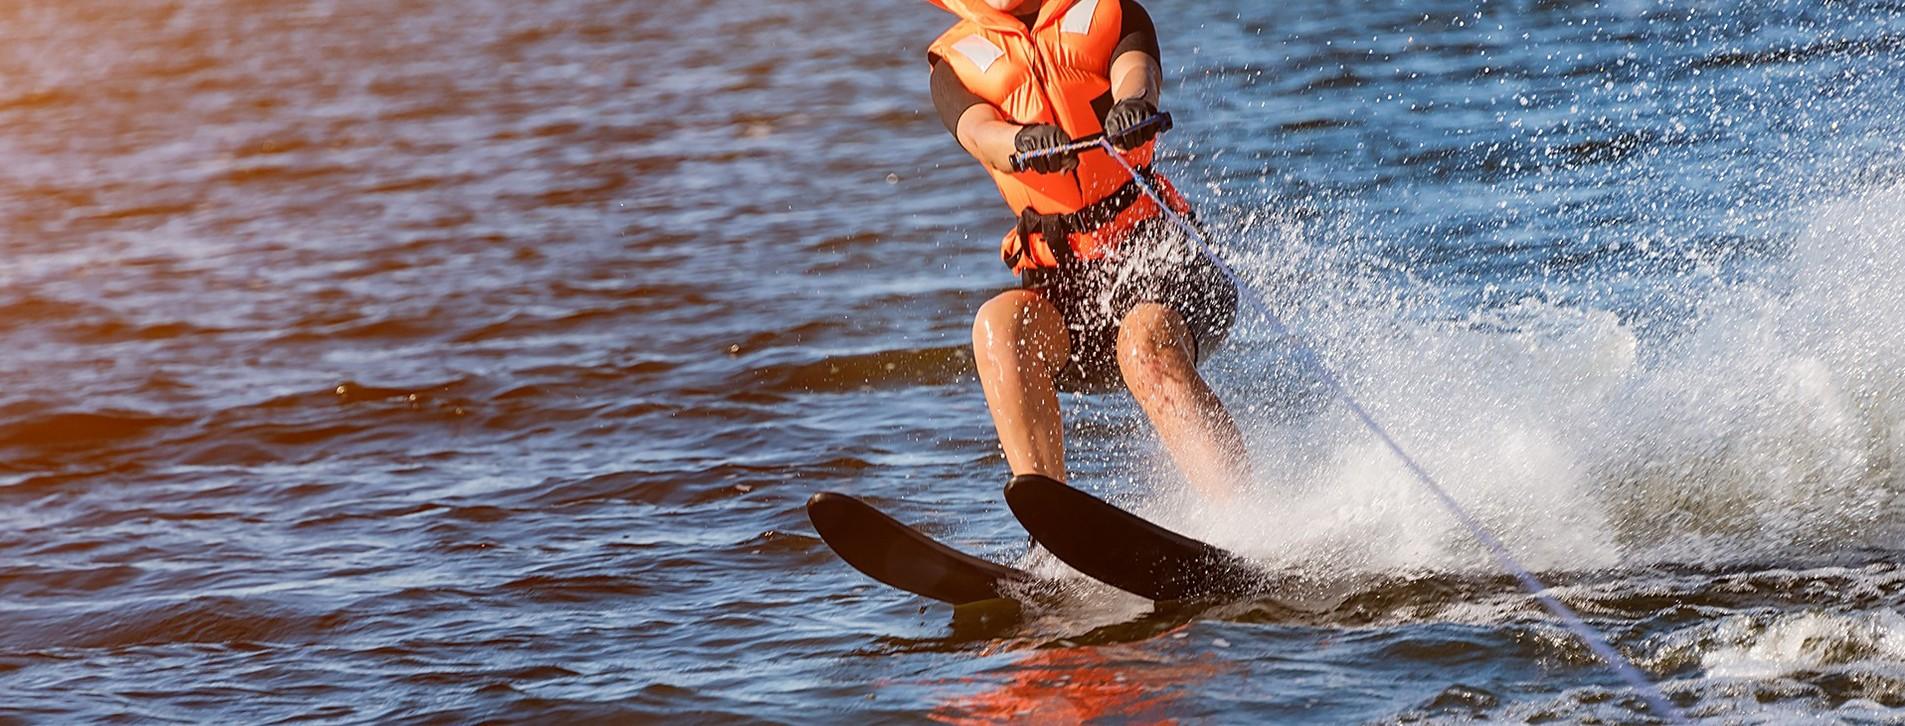 Фото 1 - Катання на водних лижах для компанії